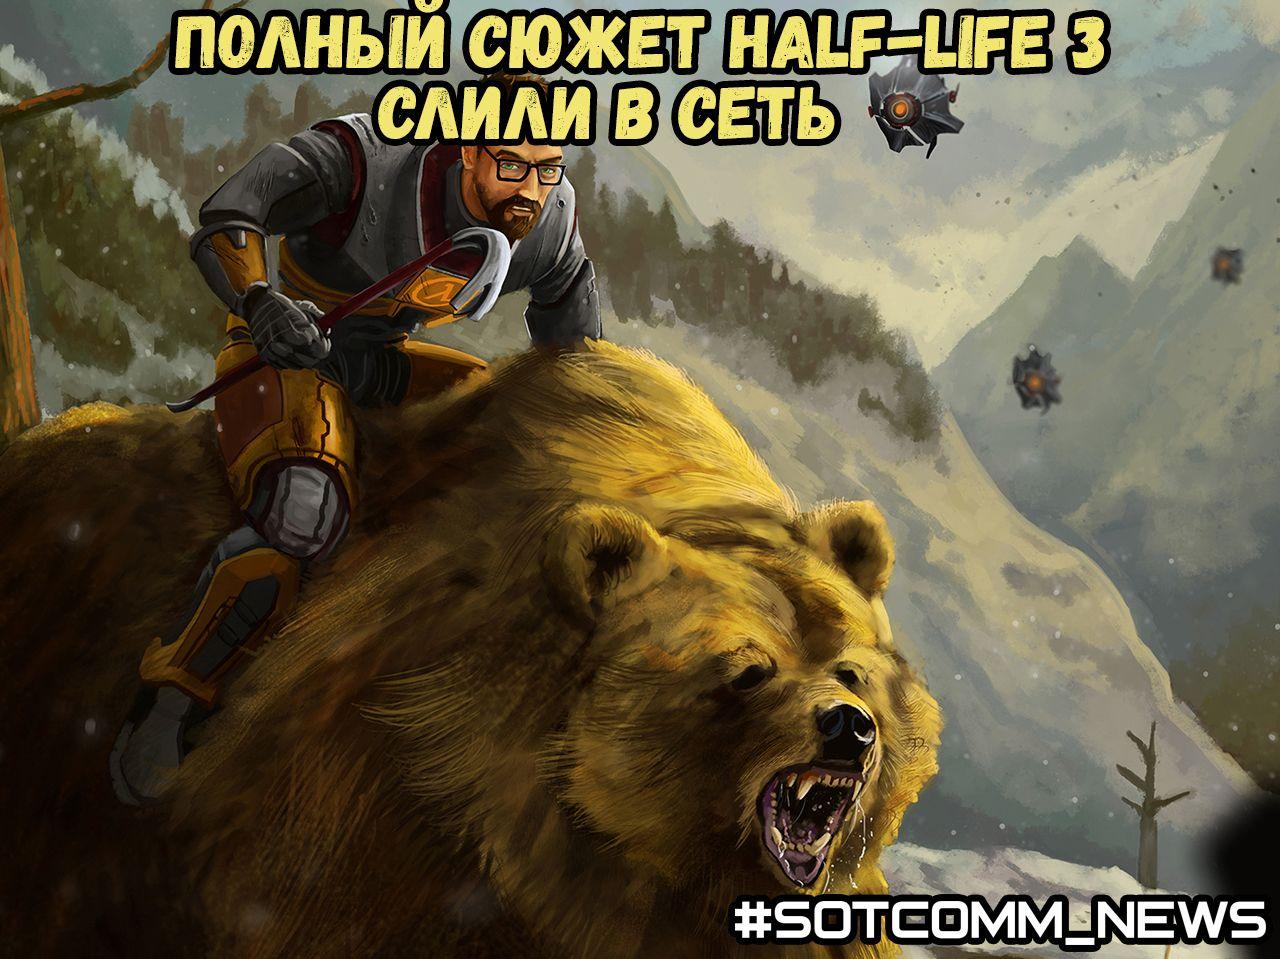 Полный сюжет Half-Life 3 слили в сеть